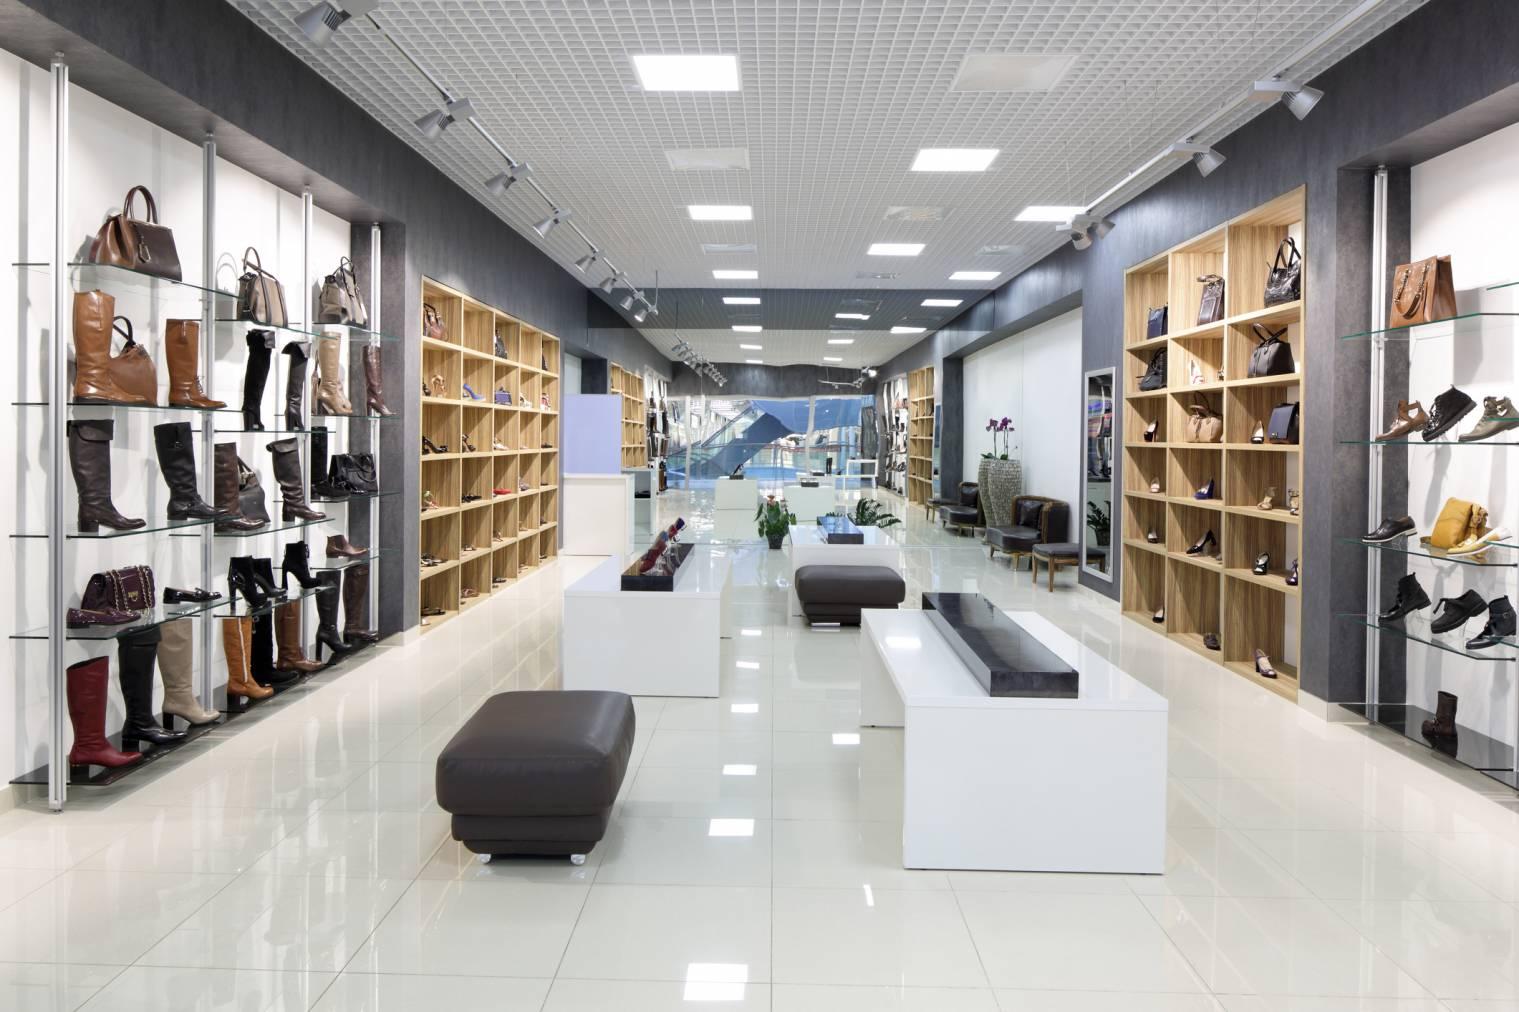 Comment utiliser les médias sociaux pour attirer du monde en magasin ?